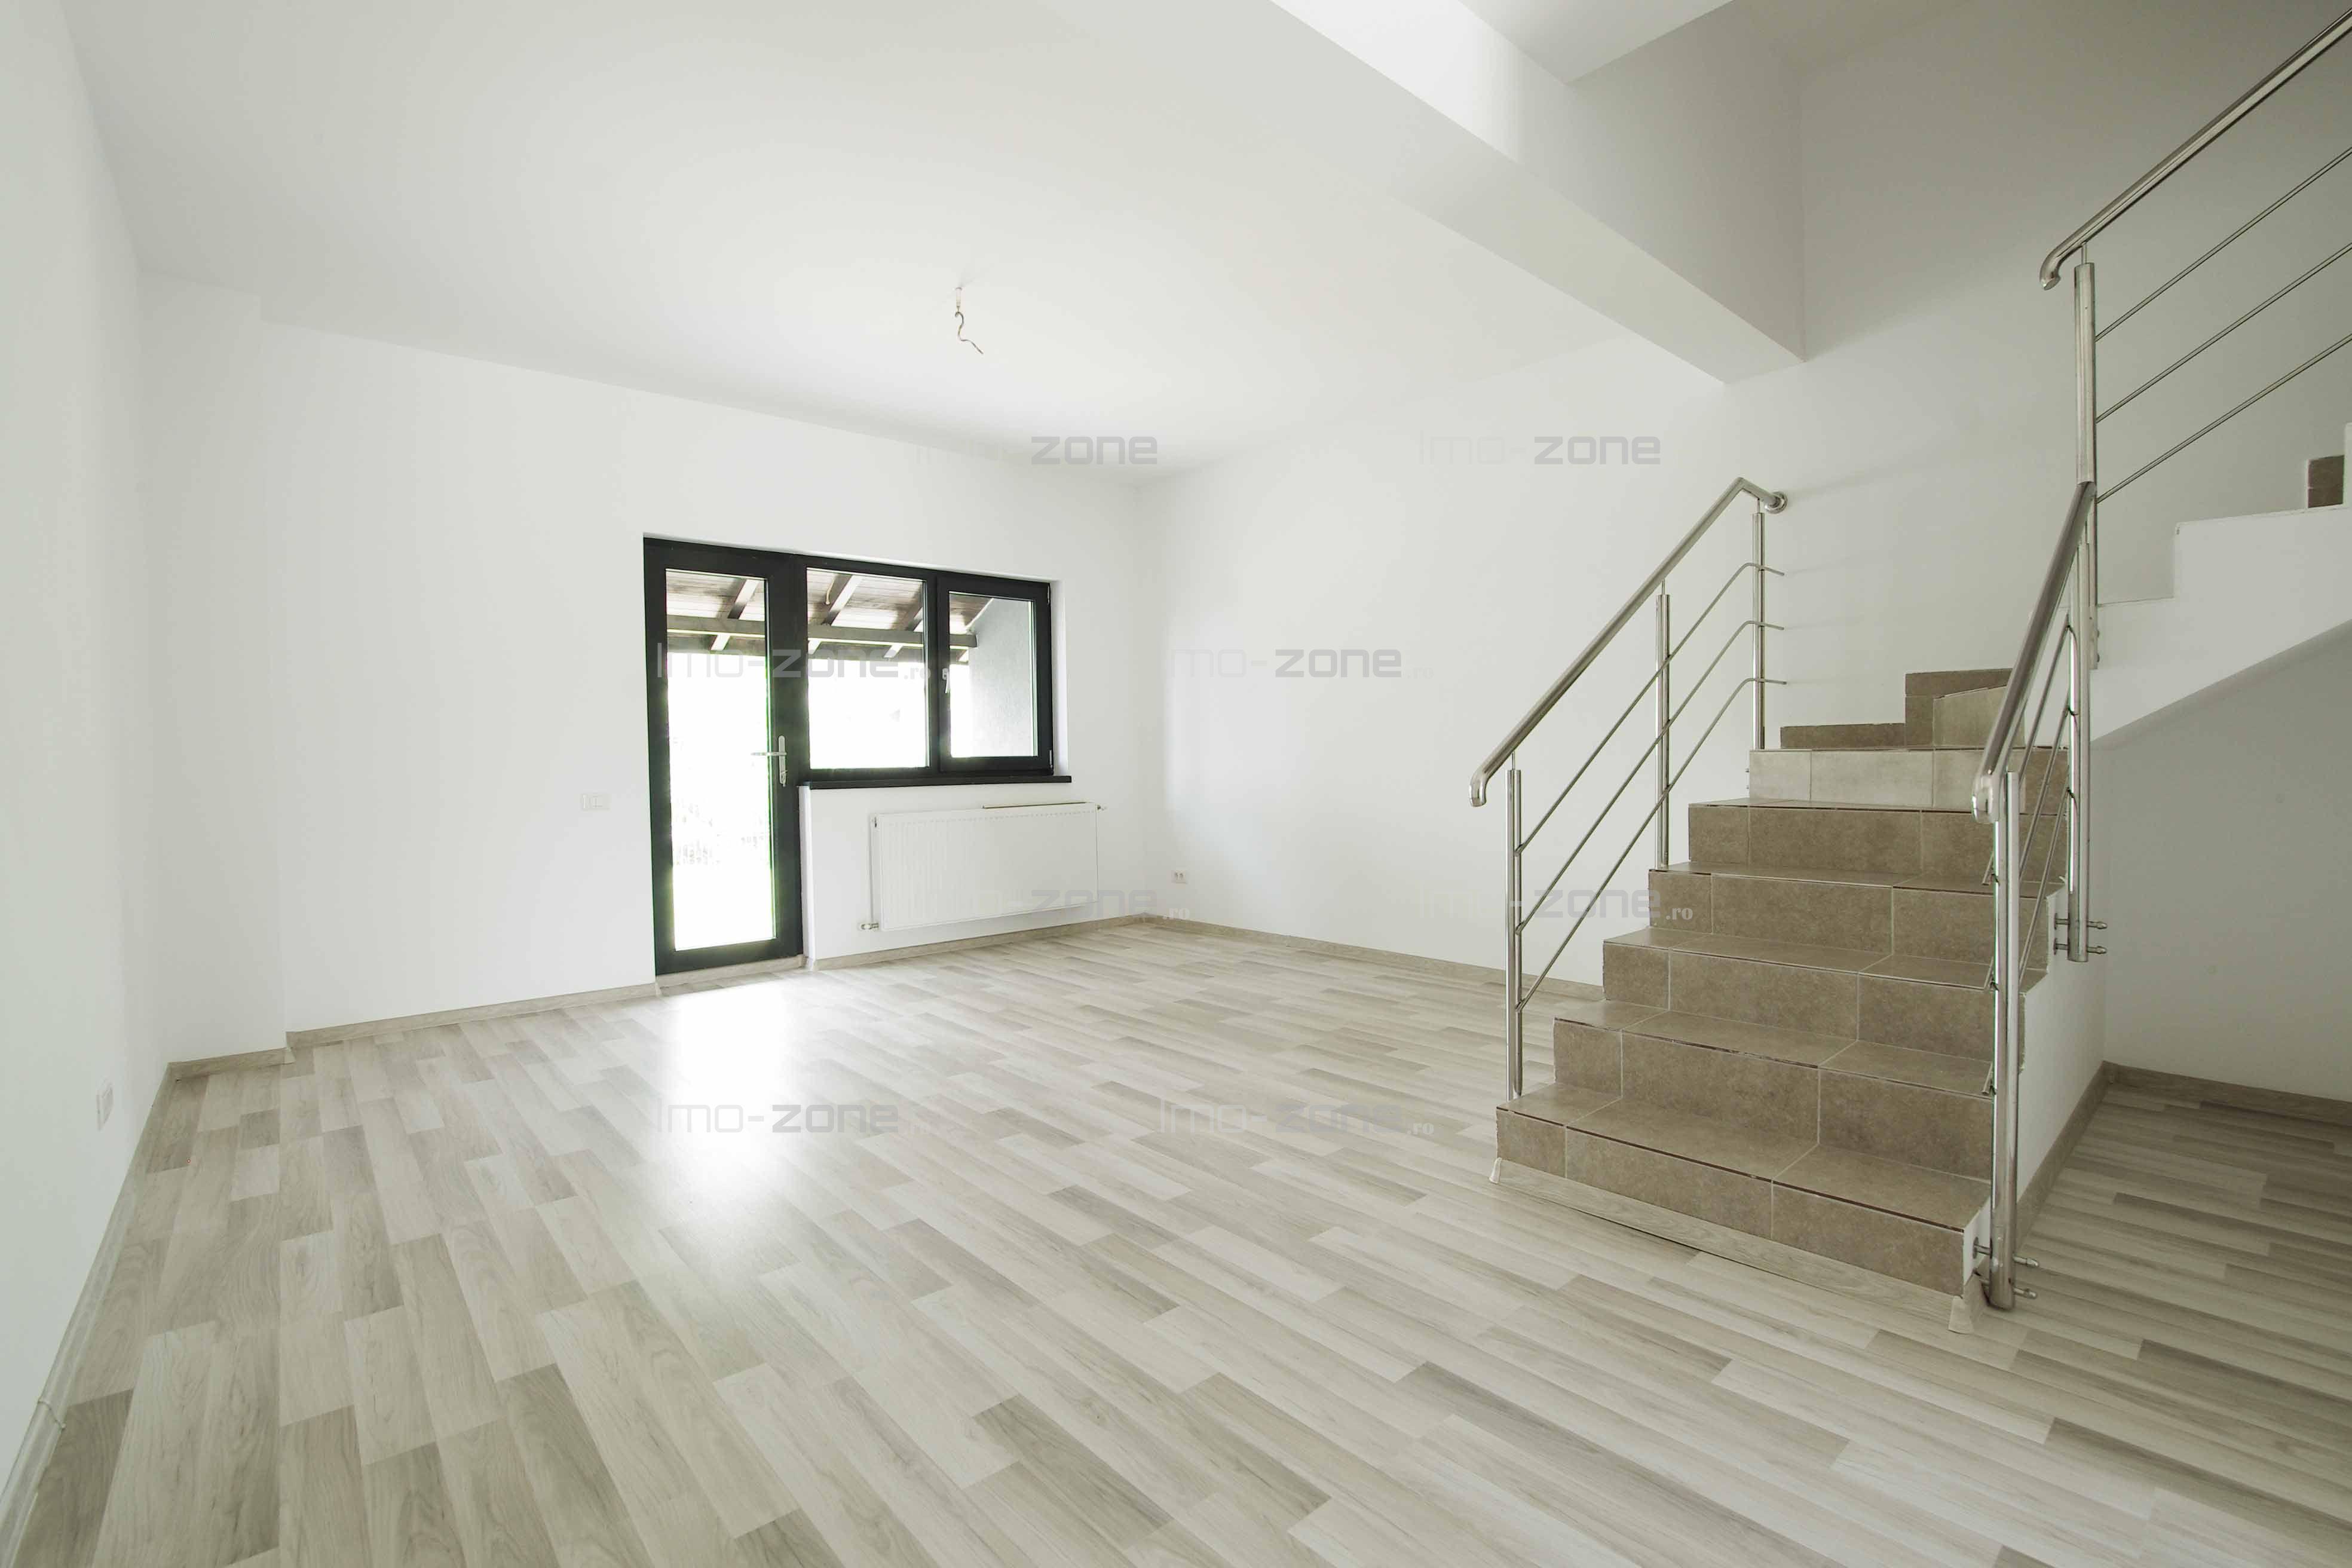 Casă / Vilă cu 3 camere+ pod locuibil în zona Prelungirea Ghencea